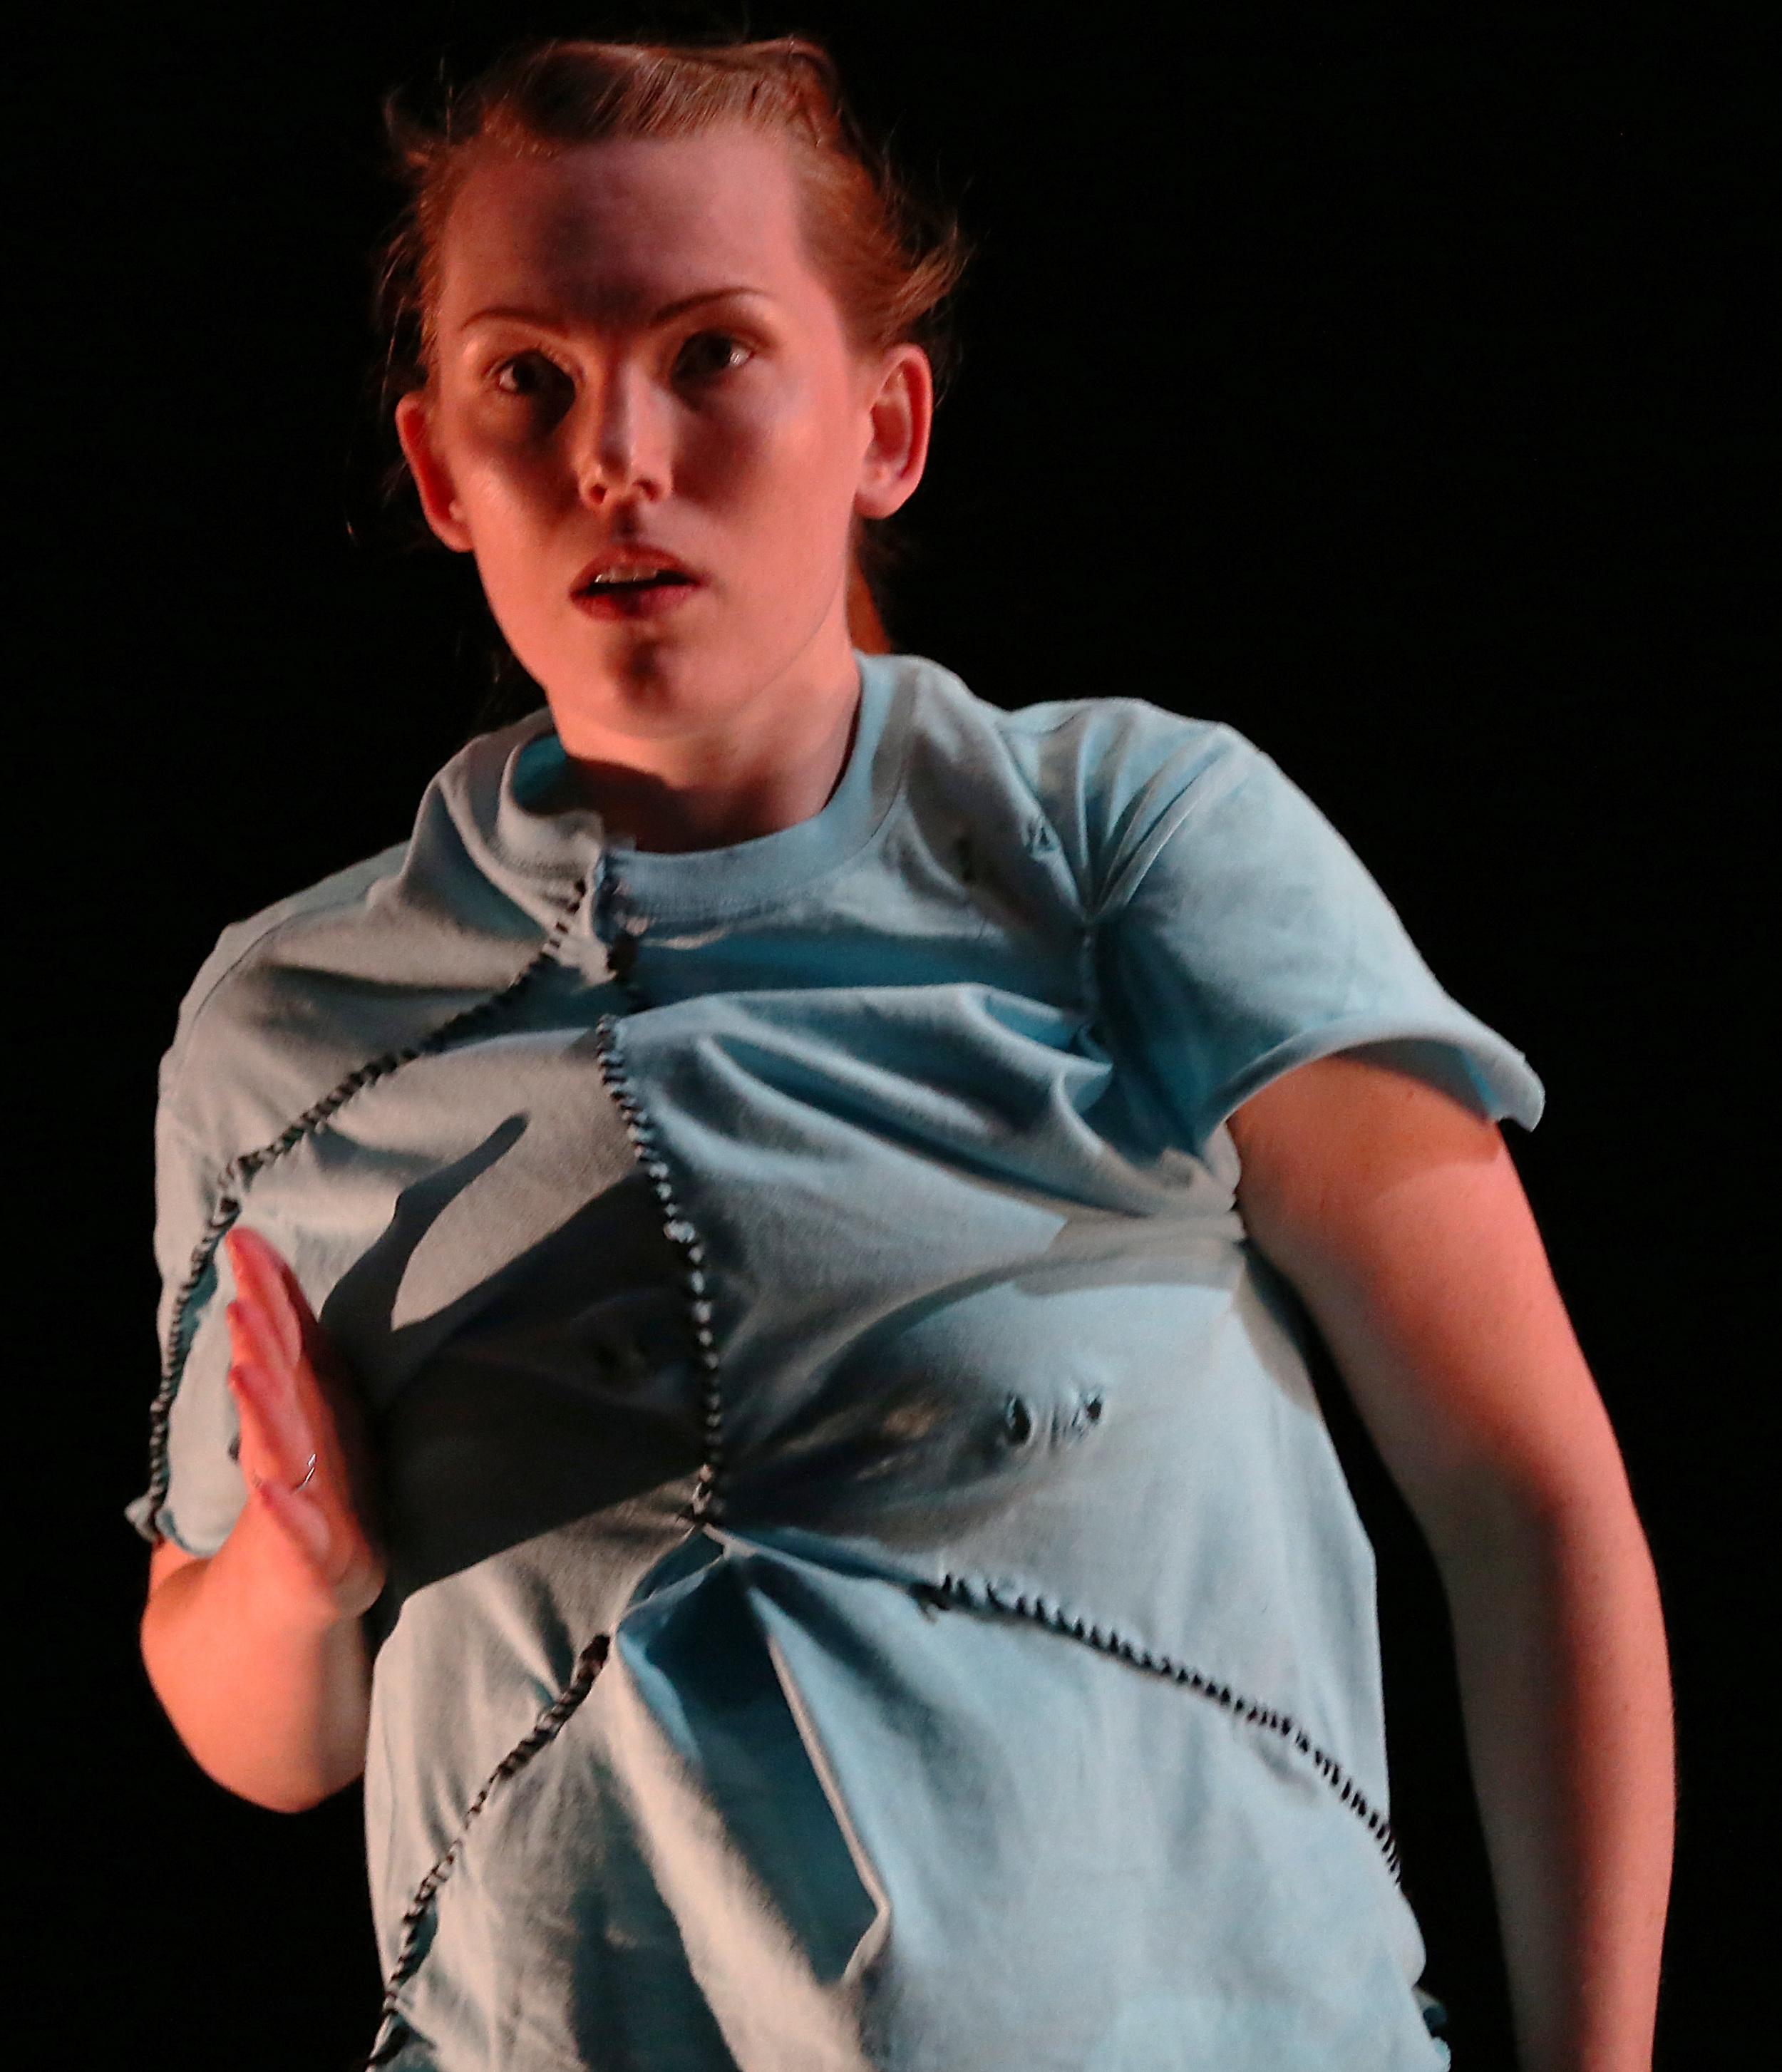 Ryann Marlar (dancer)